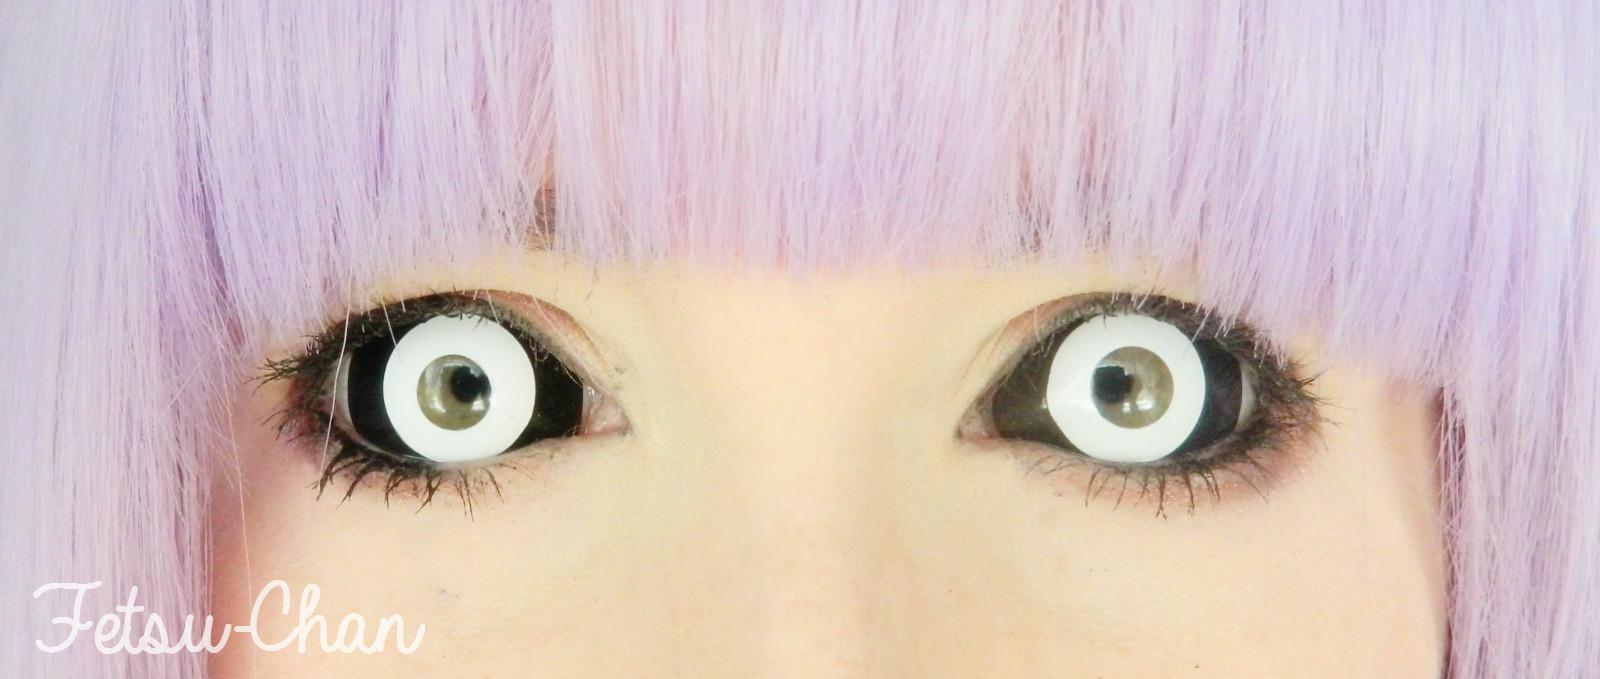 Phantasee Medusa sclera lenses